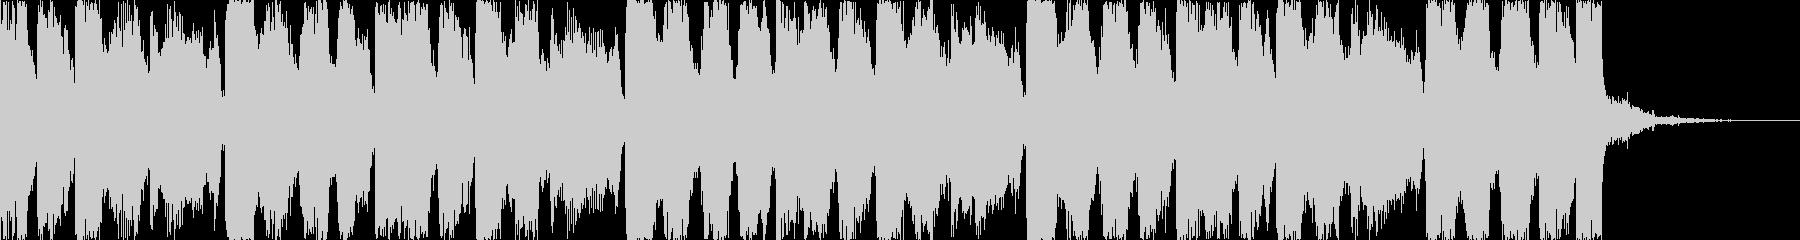 おしゃれコーポレートコマーシャルEDMdの未再生の波形